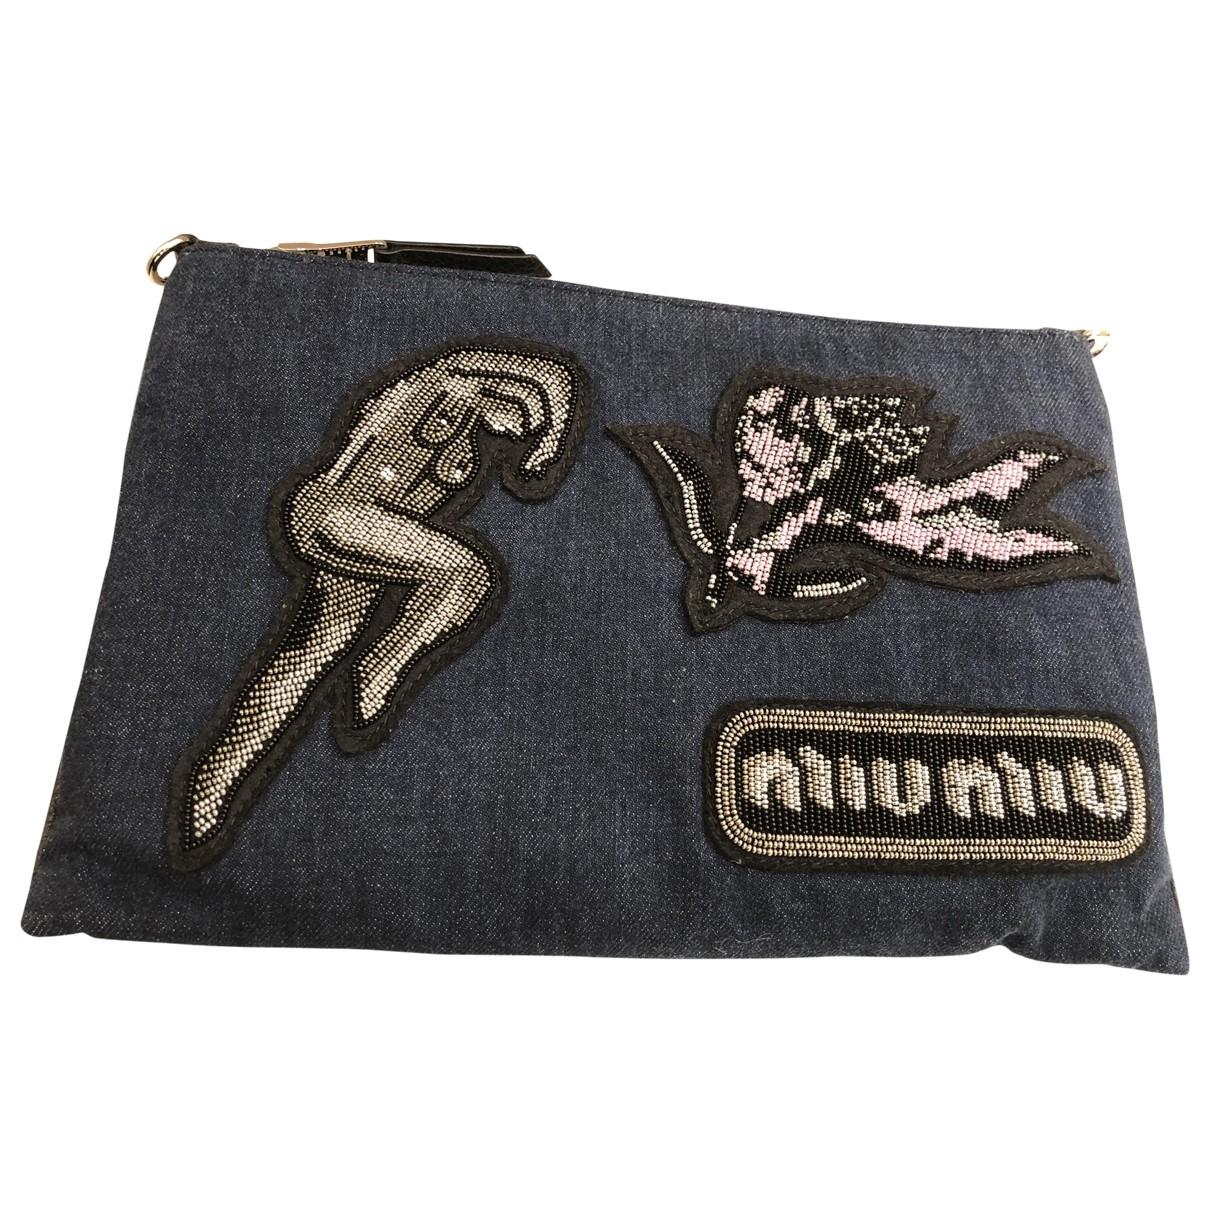 Miu Miu \N Clutch in  Marine Denim - Jeans